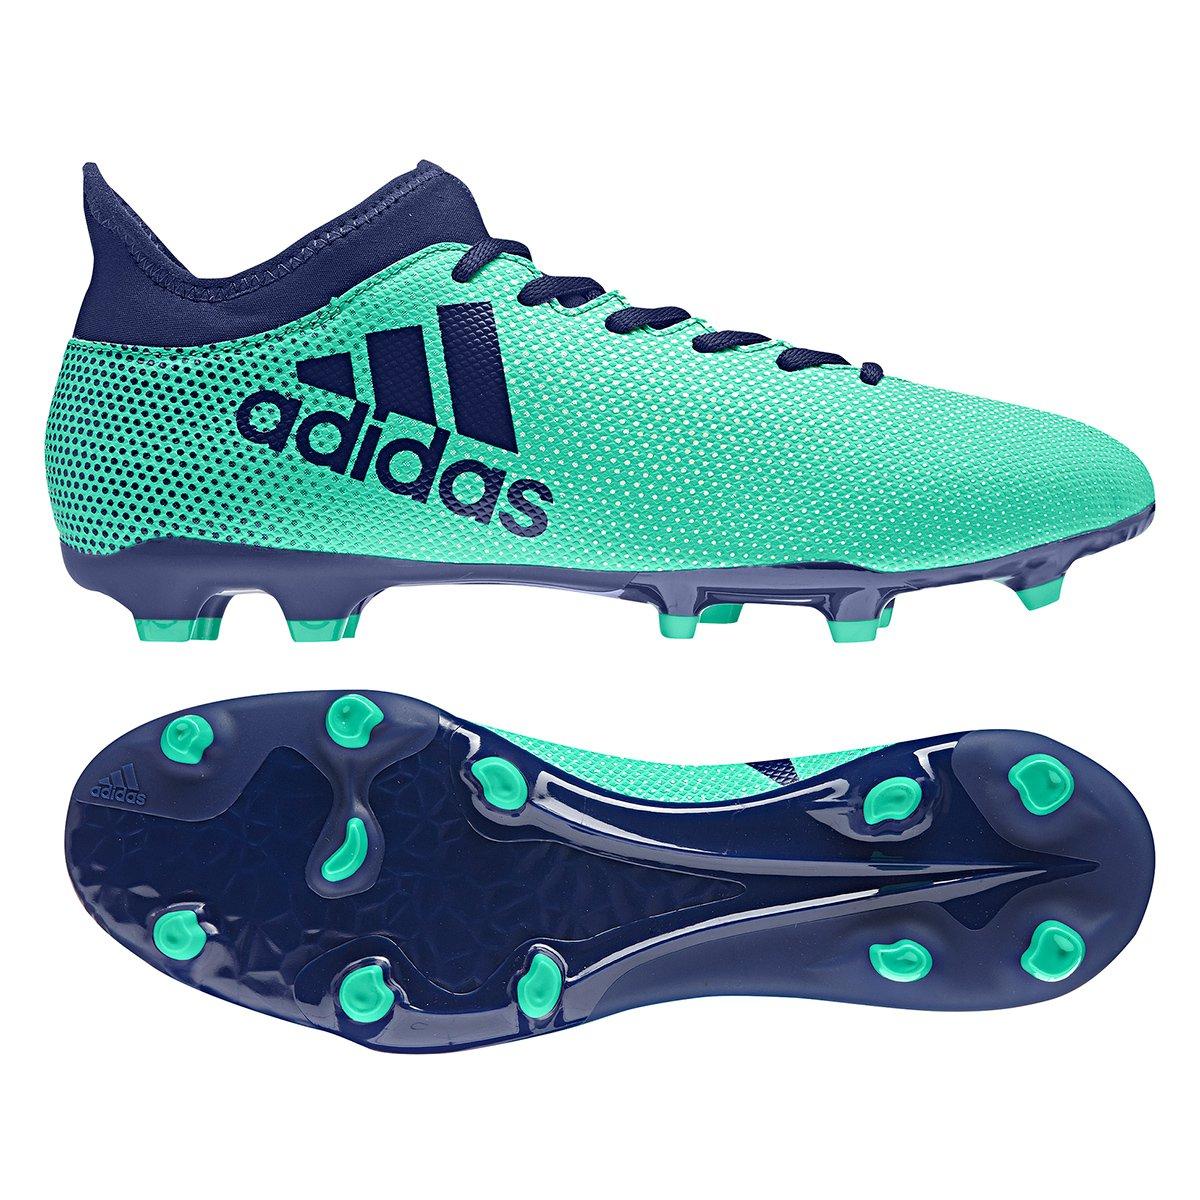 ... chuteira campo adidas x 17.3 fxg masculina verde e azul 37590aa865729